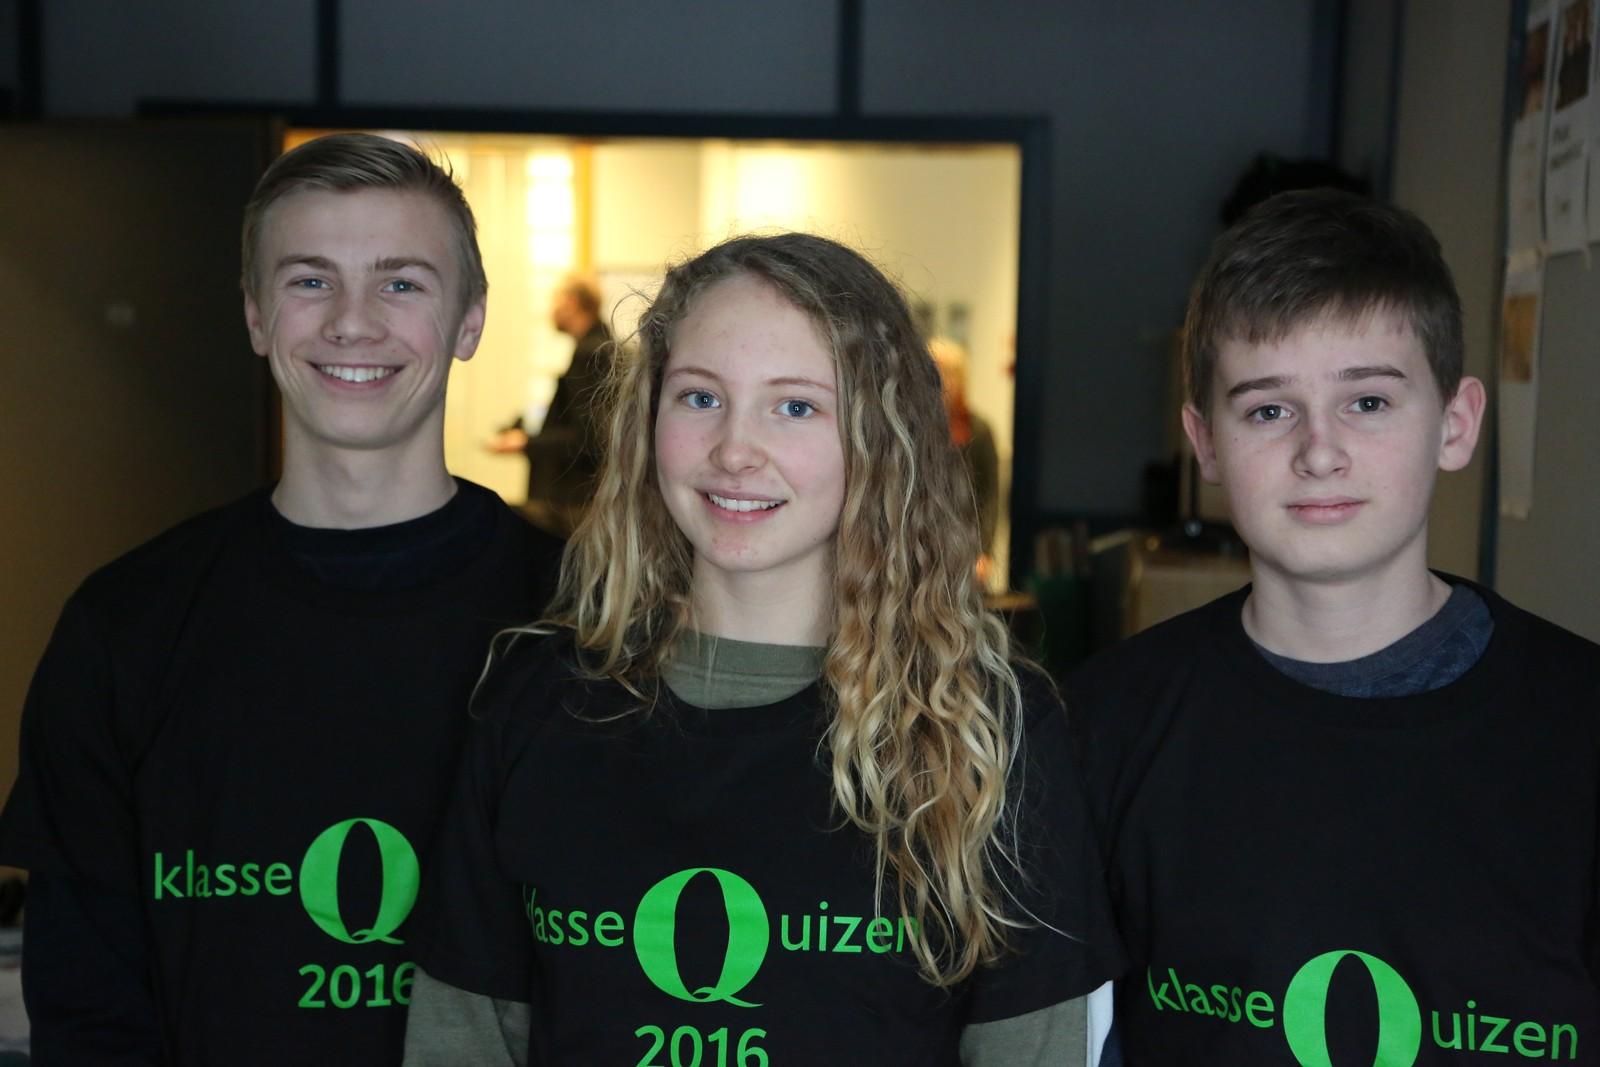 7 POENG: Austbø skole: Eivind Wilhelmsen Hustvedt, Emma Sønneland Tislevoll og Jarl Christian Helgøy.